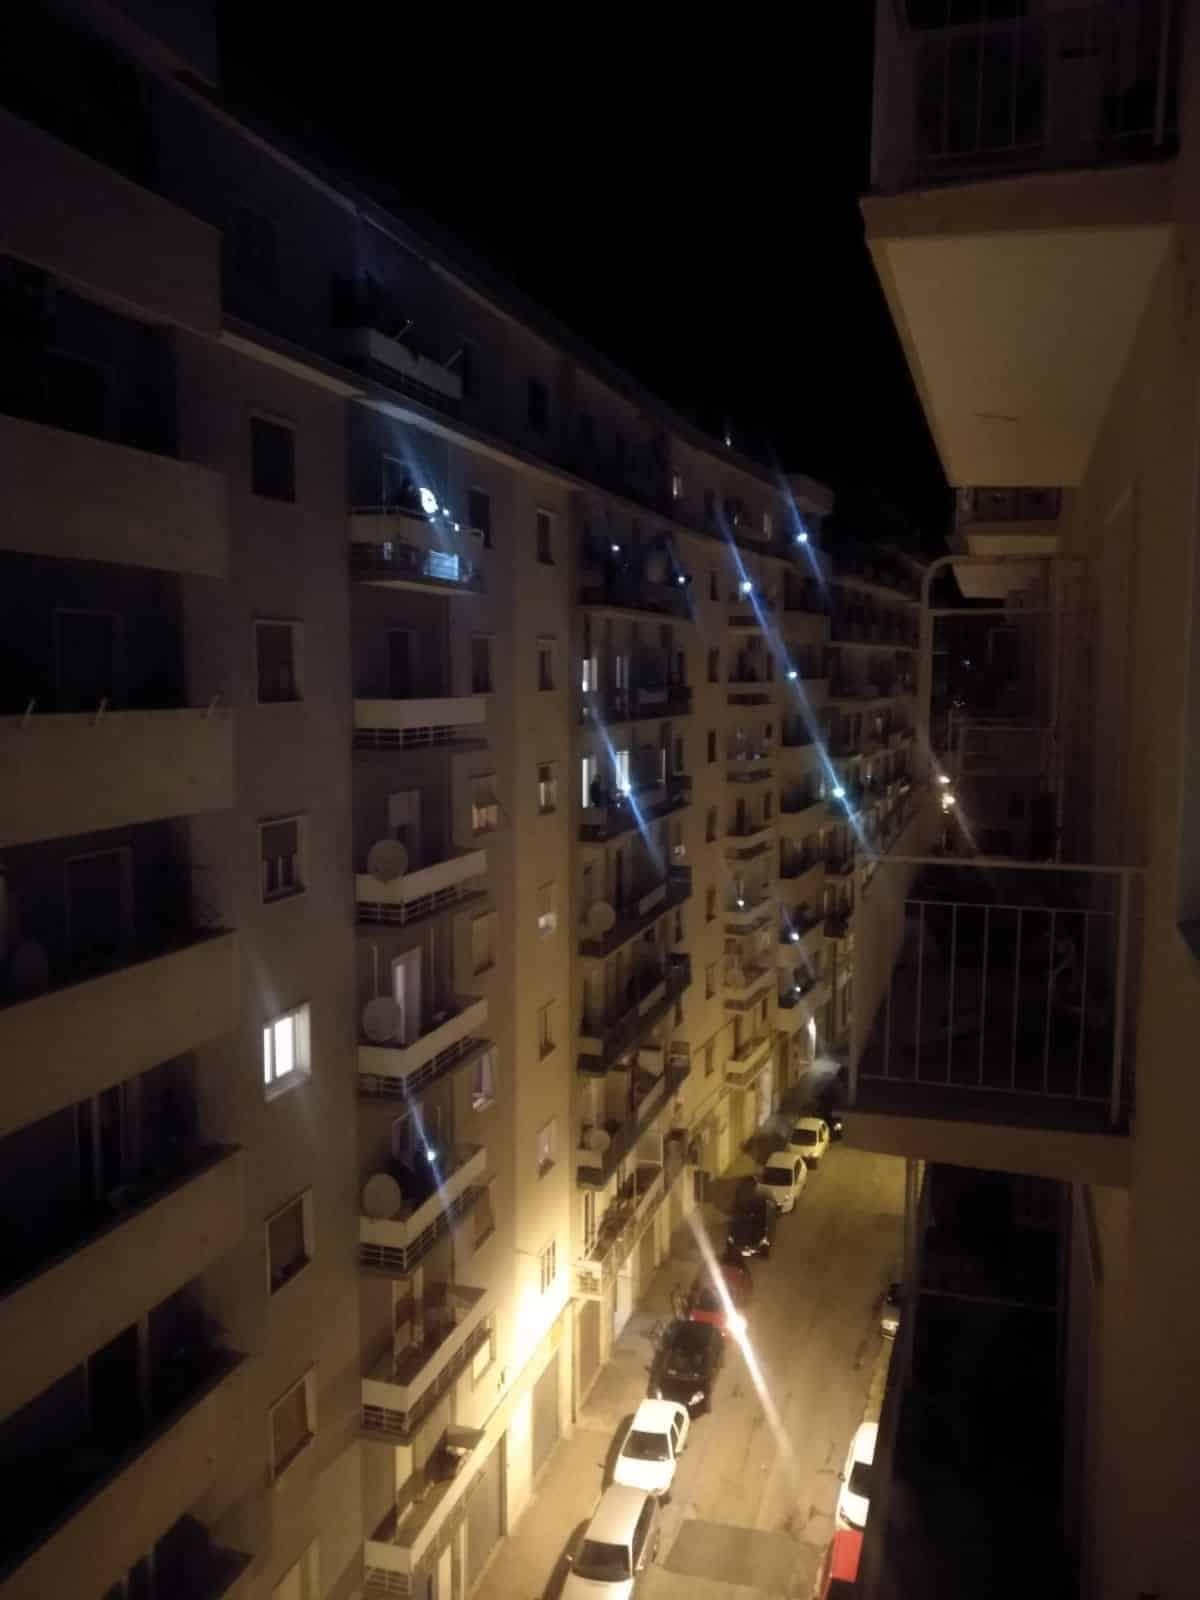 Emergenza Coronavirus, flash mob ore 21, a Bari si spengono le luci e ci sente più vicini e uniti